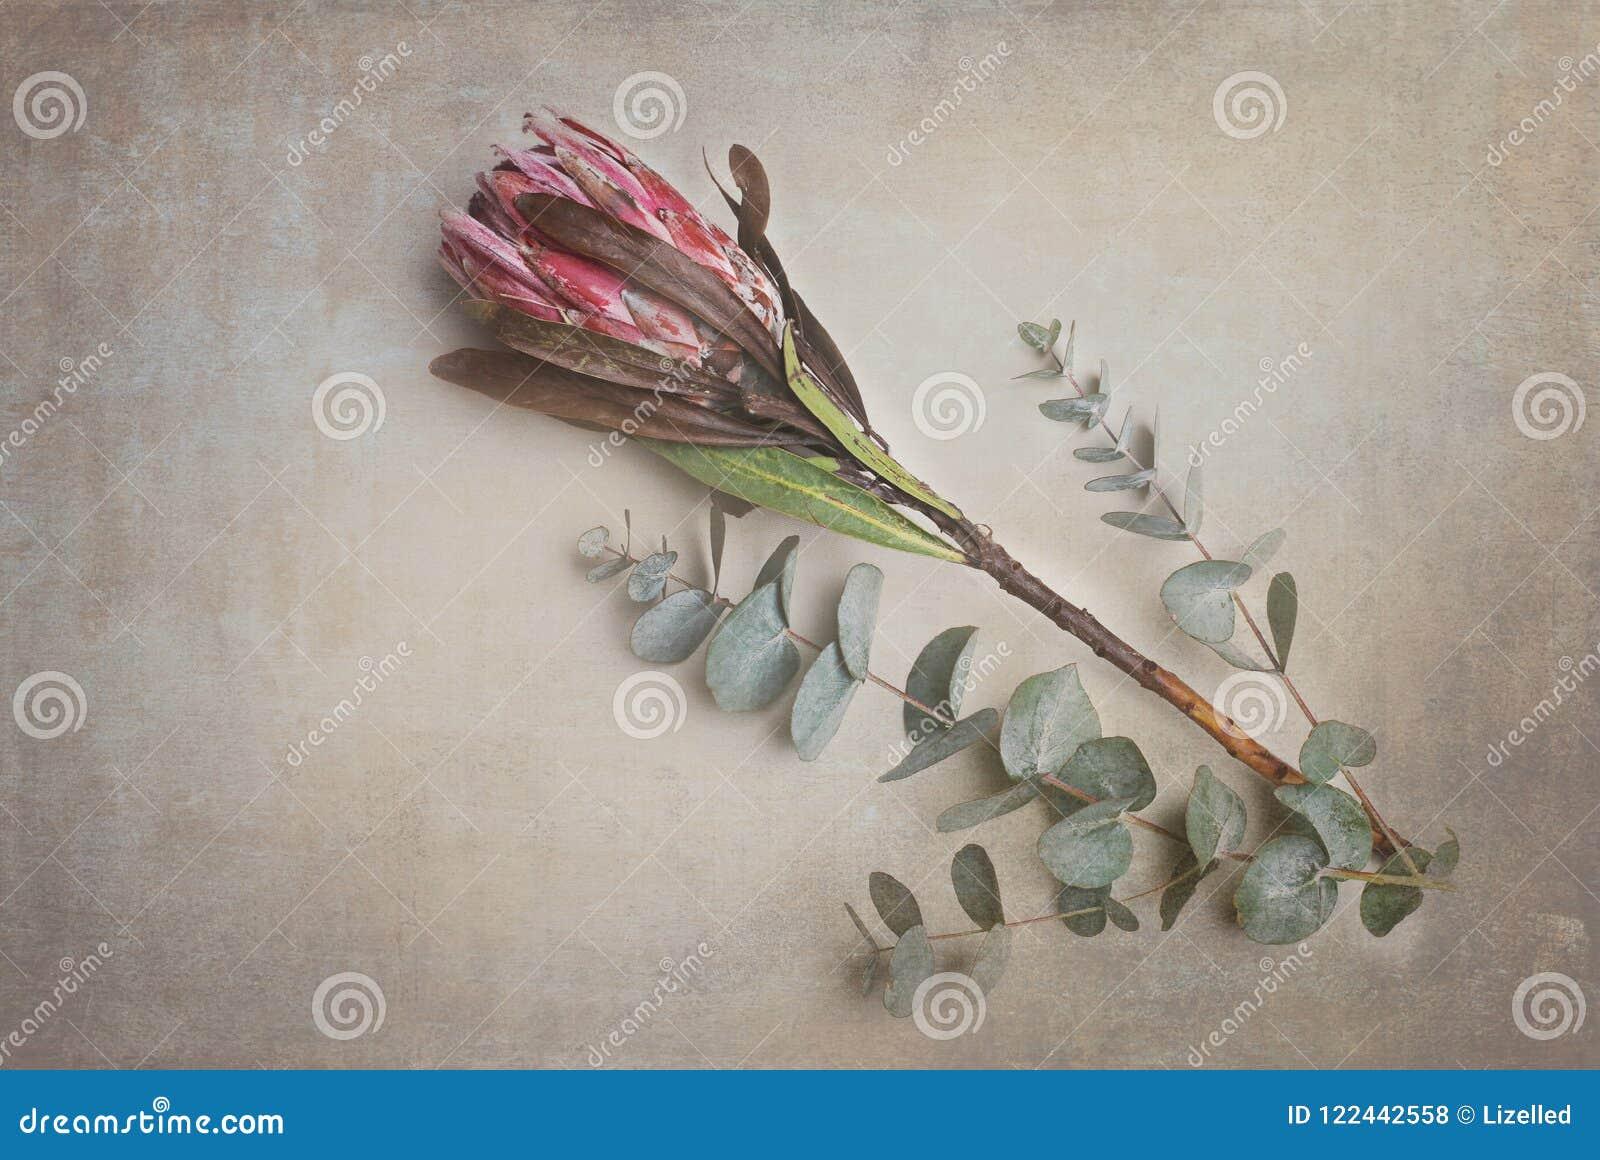 Protea, fiore, arte della parete, fynbos, Sudafrica, piante